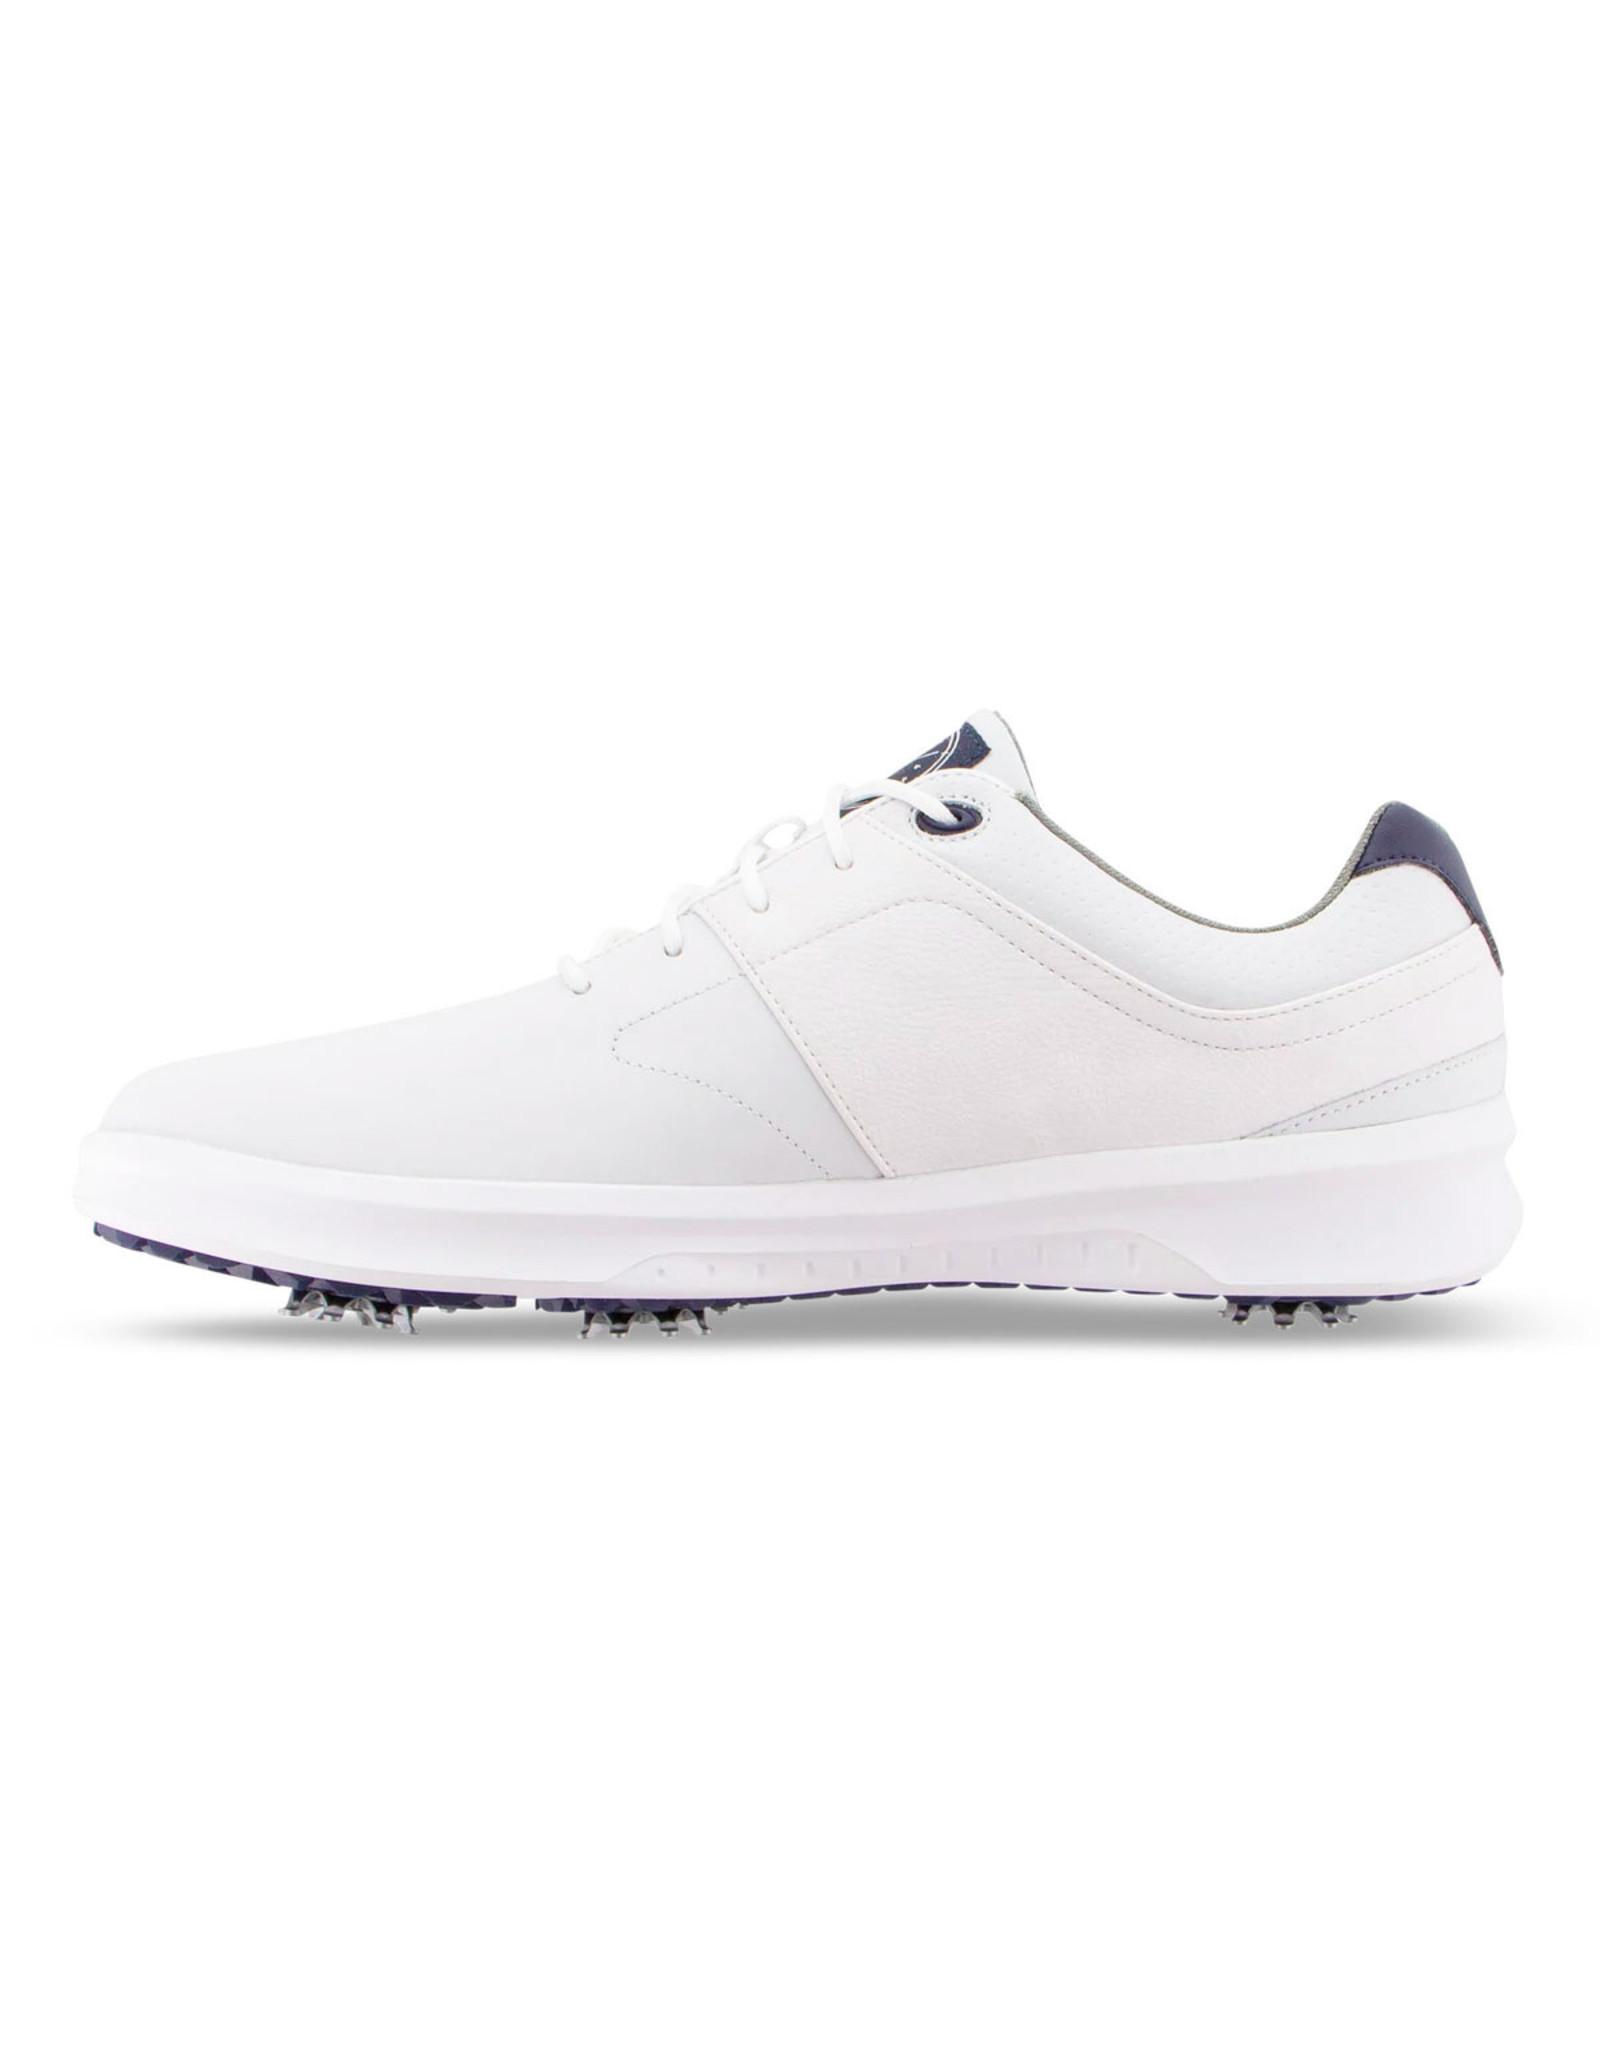 FootJoy FootJoy Men's Contour Series All White